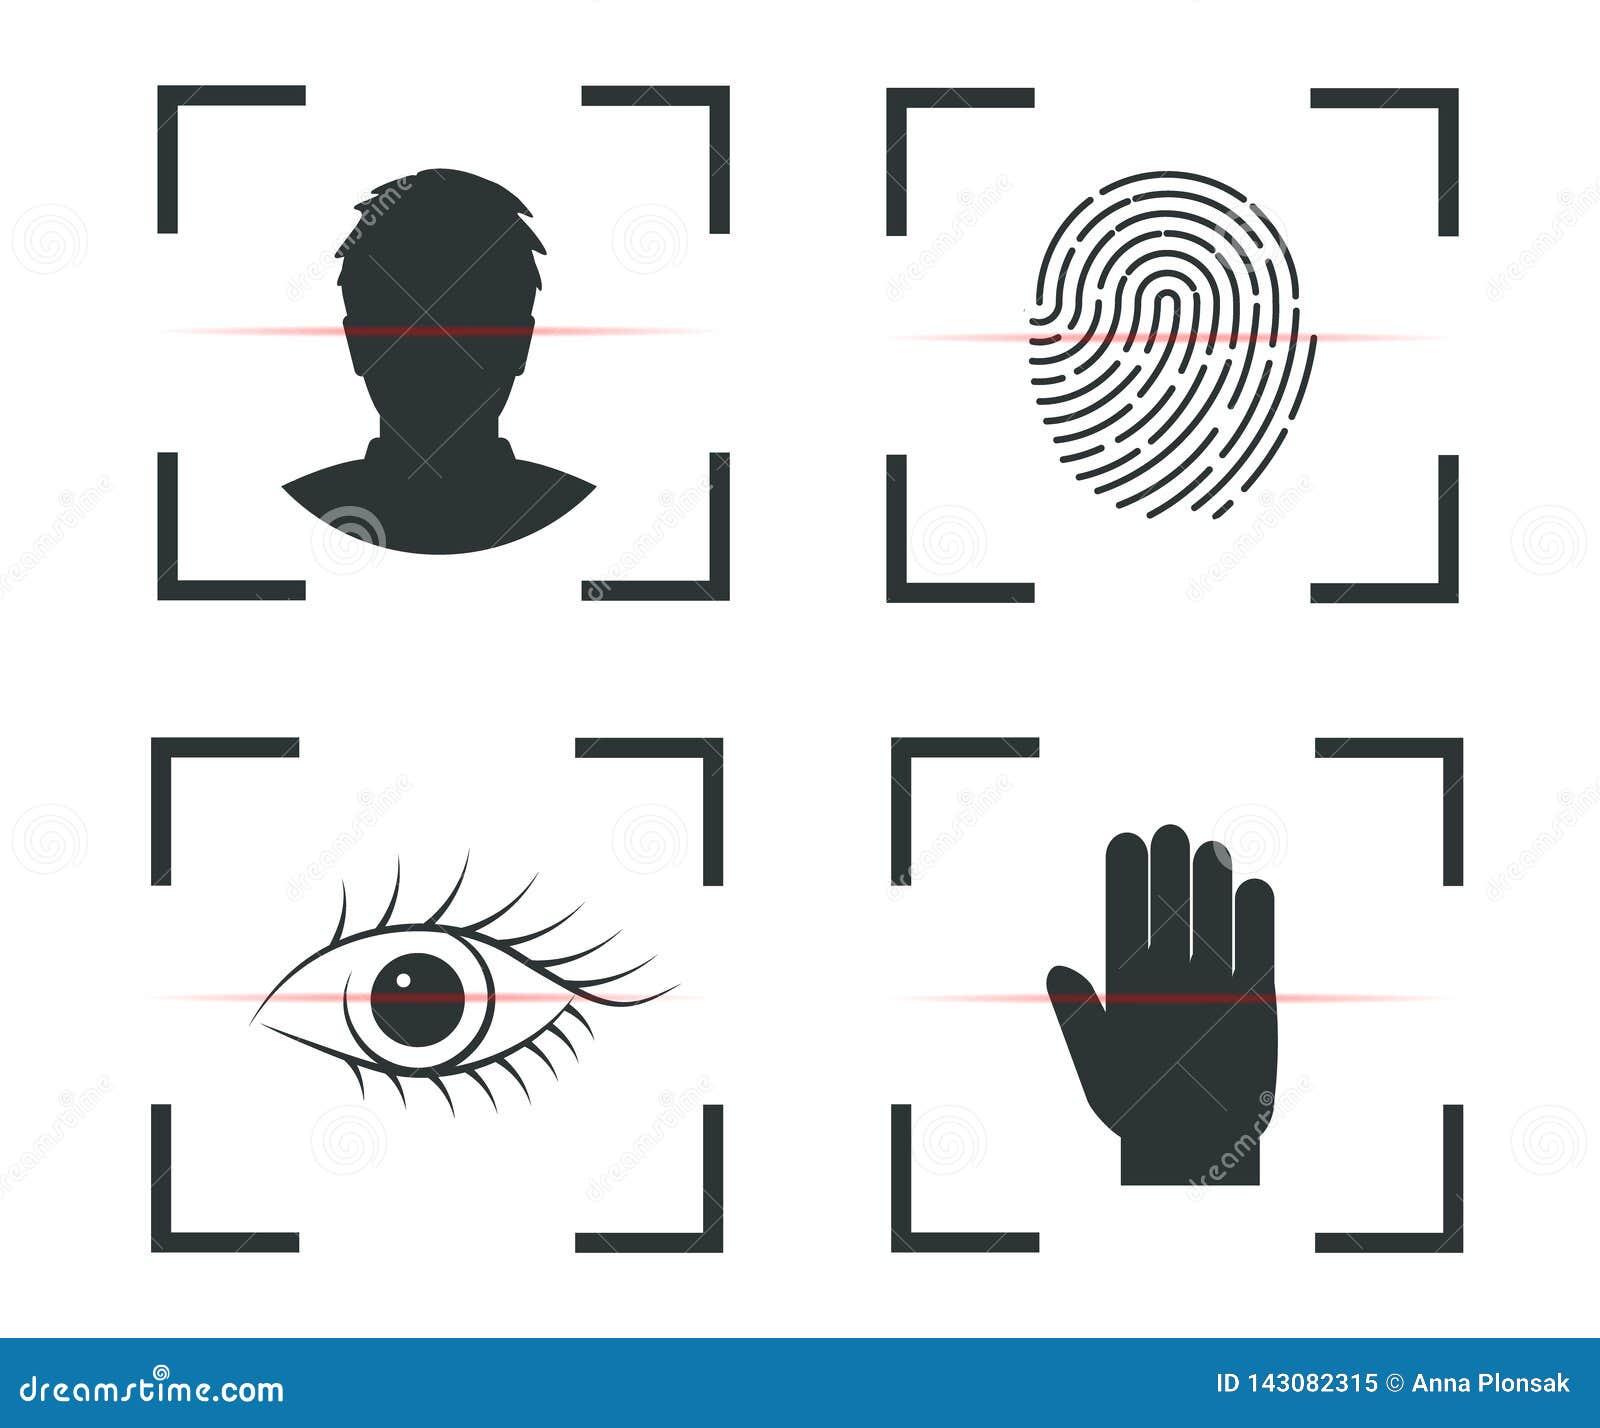 Επικύρωση της ταυτότητας Αναγνώριση προσώπου, δακτυλικό αποτύπωμα, αμφιβληστροειδής, χέρι